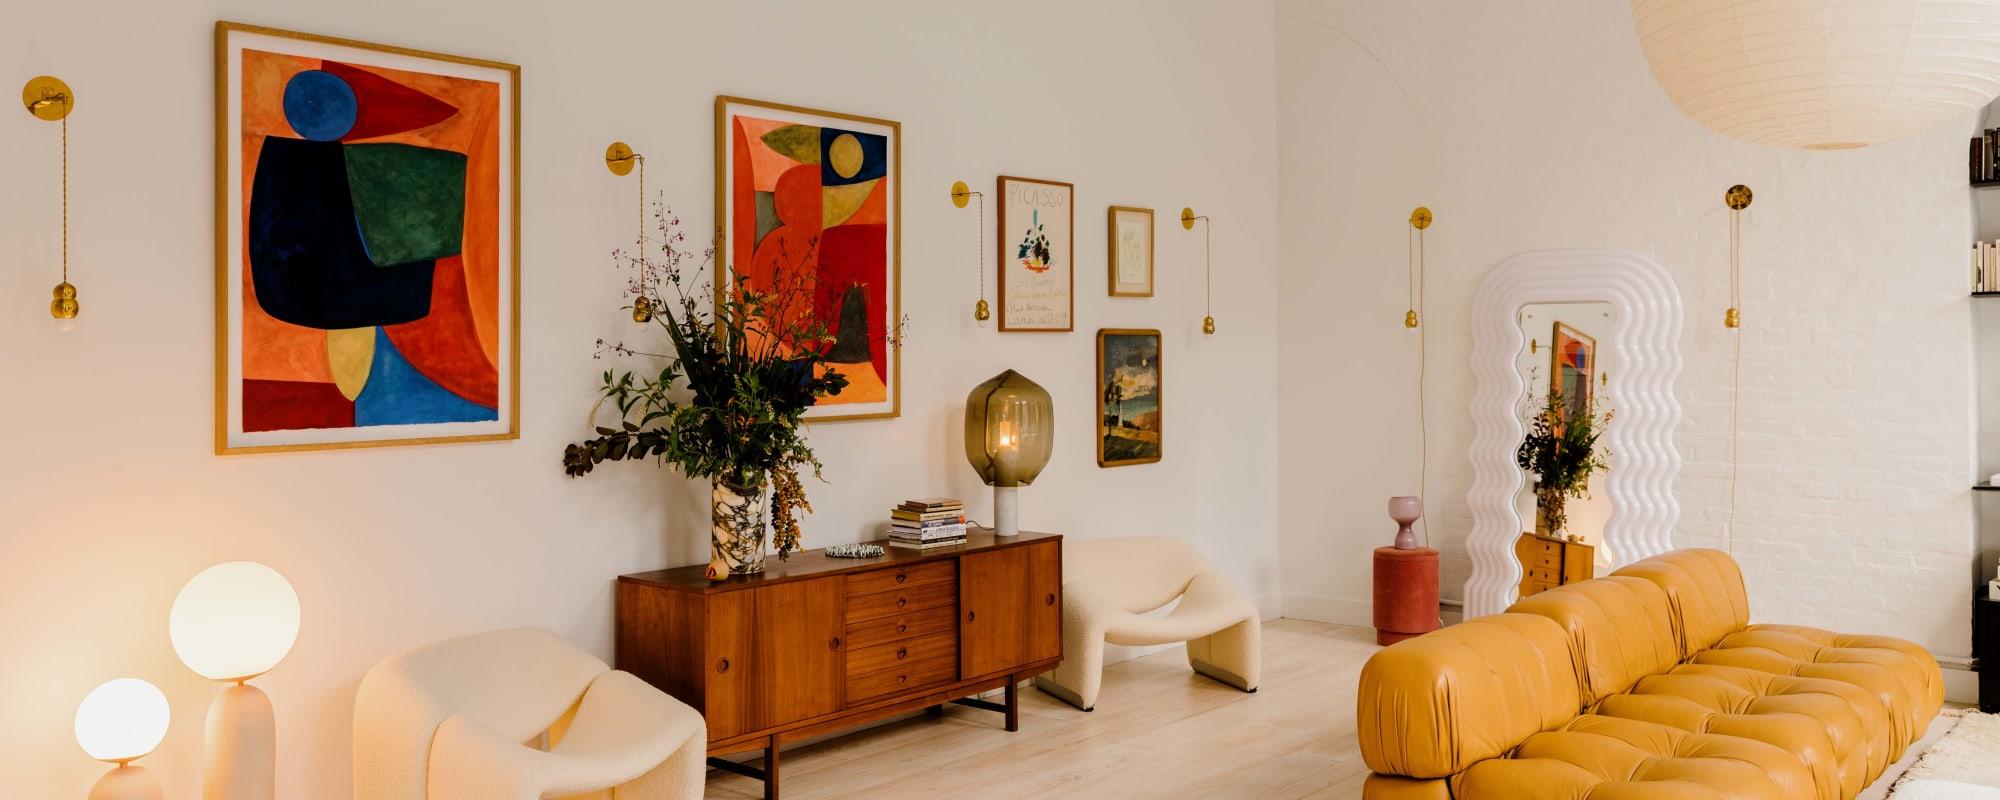 Das Wohnzimmer in Elsa Hosks Loft in New York mit Vintage-Möbeln und Picasso an der Wand.